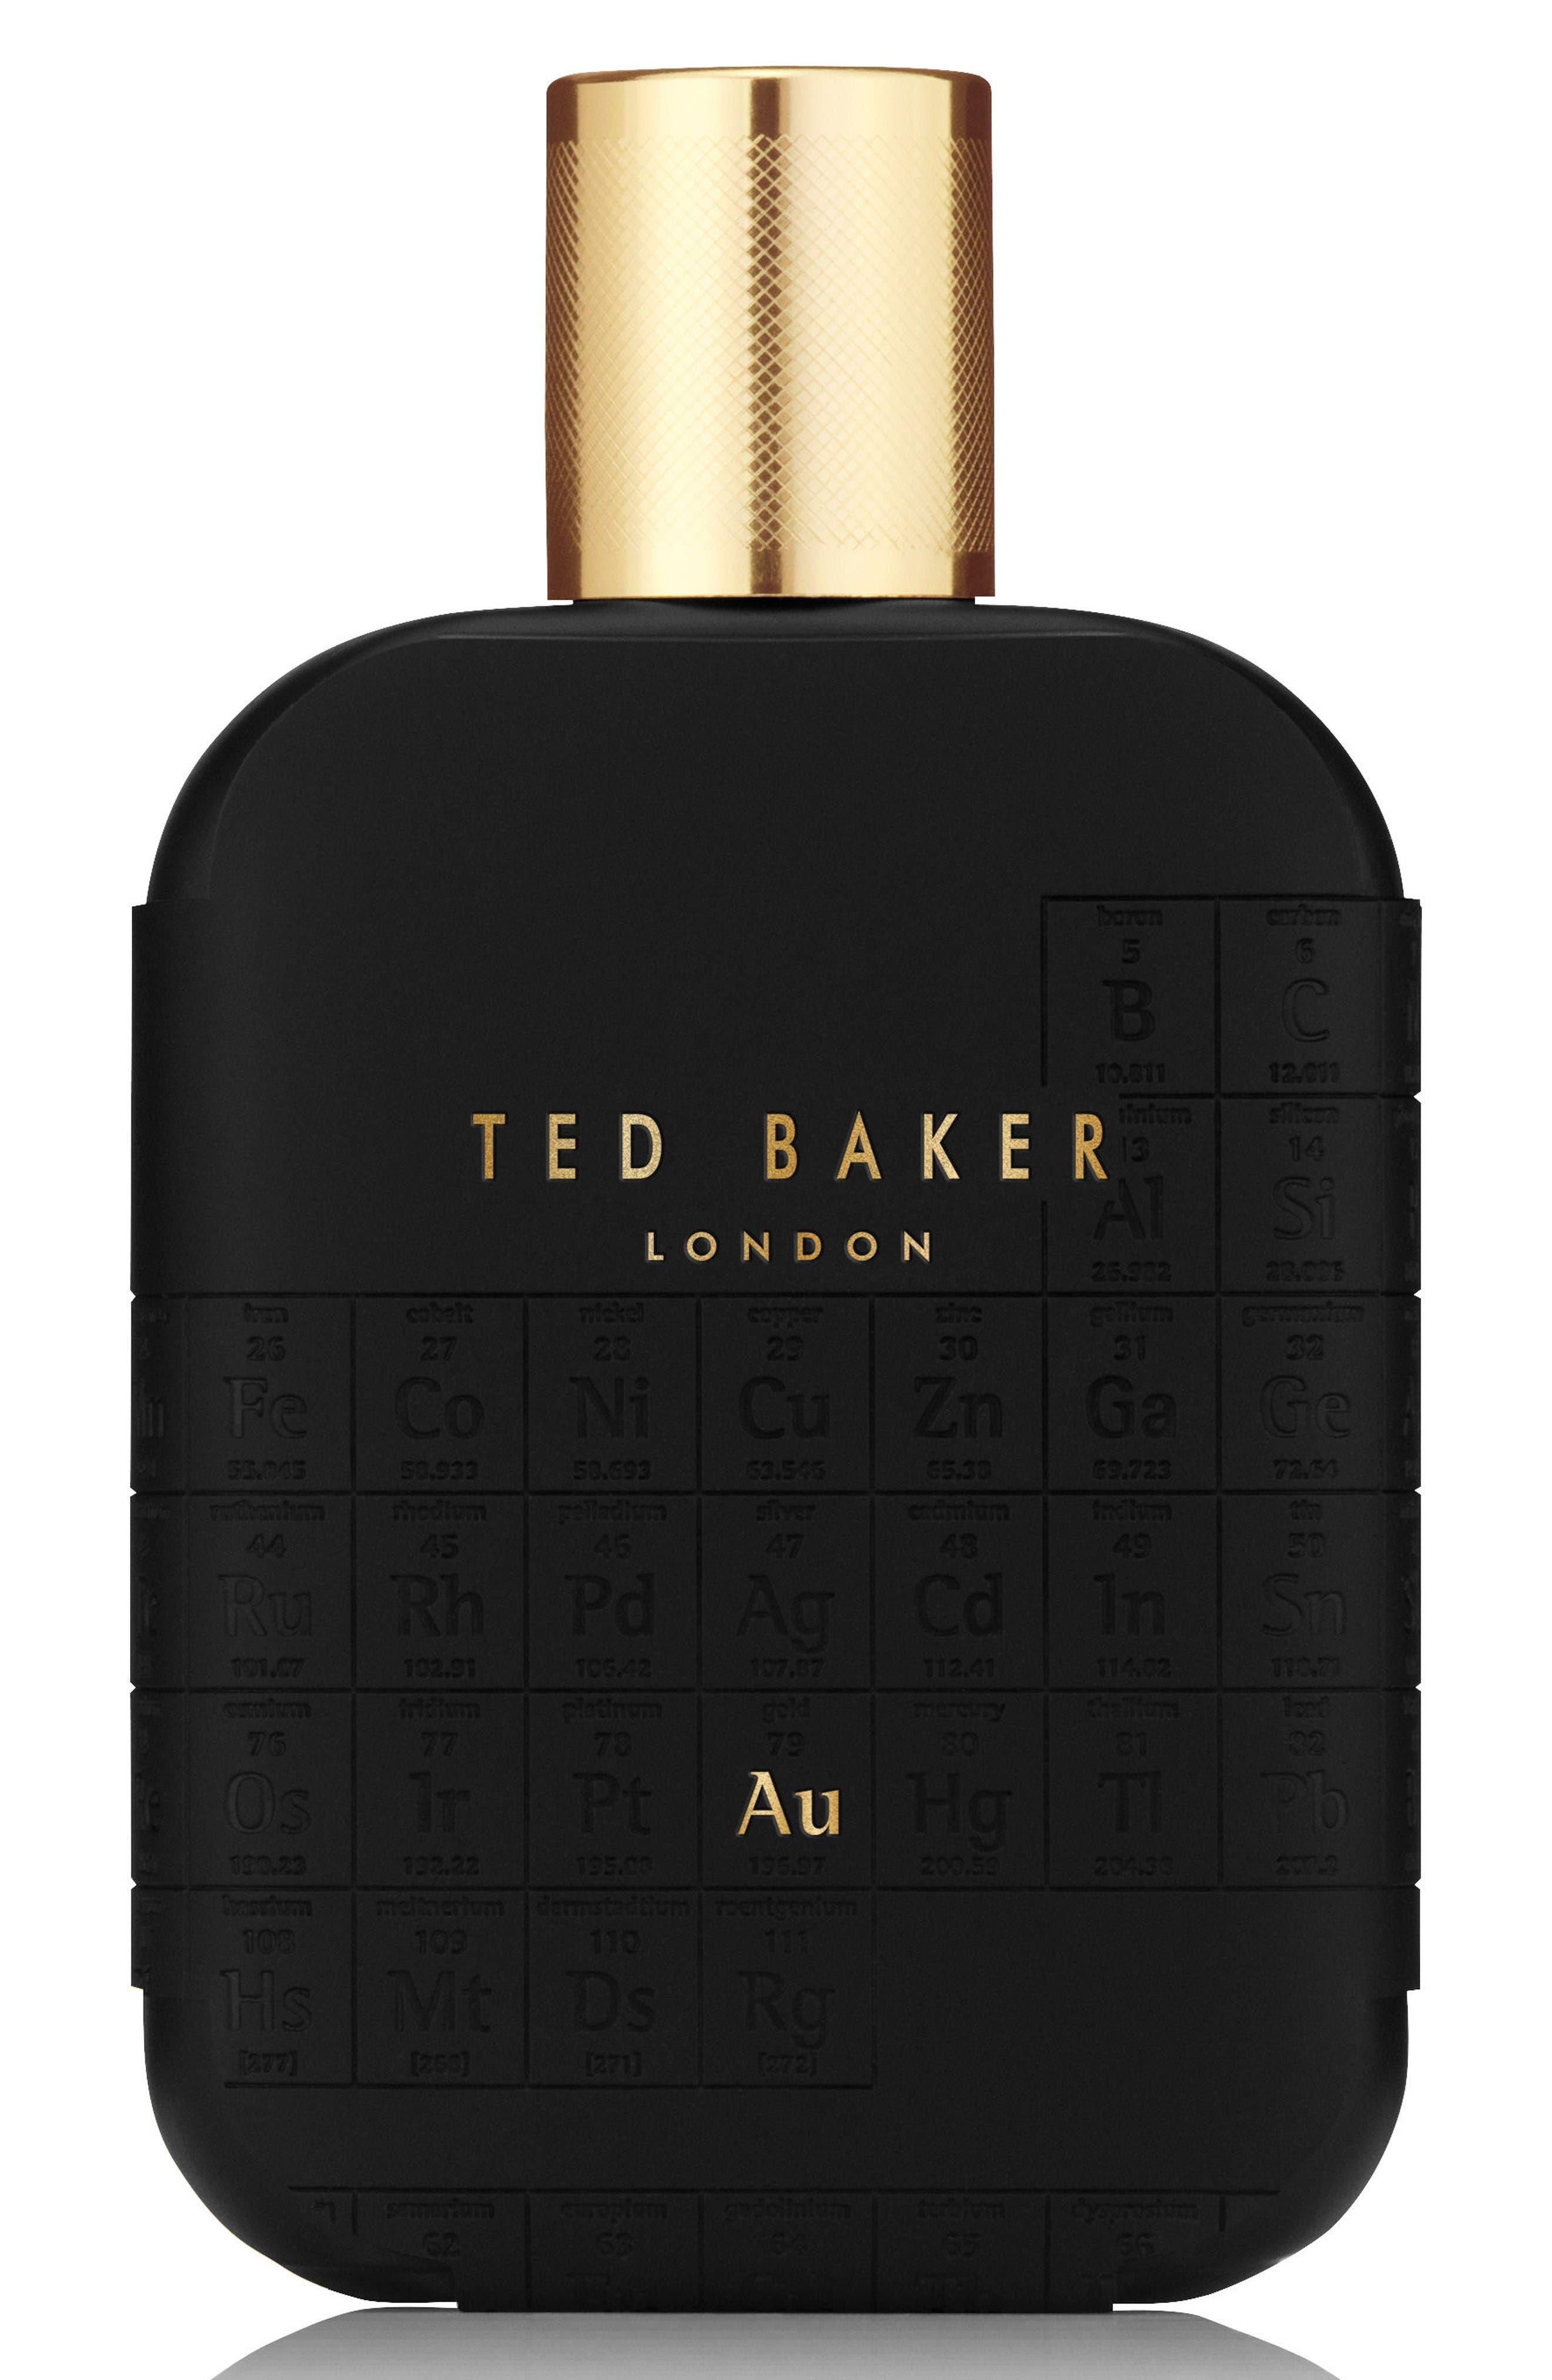 Alternate Image 1 Selected - Ted Baker Tonic Au Eau de Toilette (Nordstrom Exclusive)